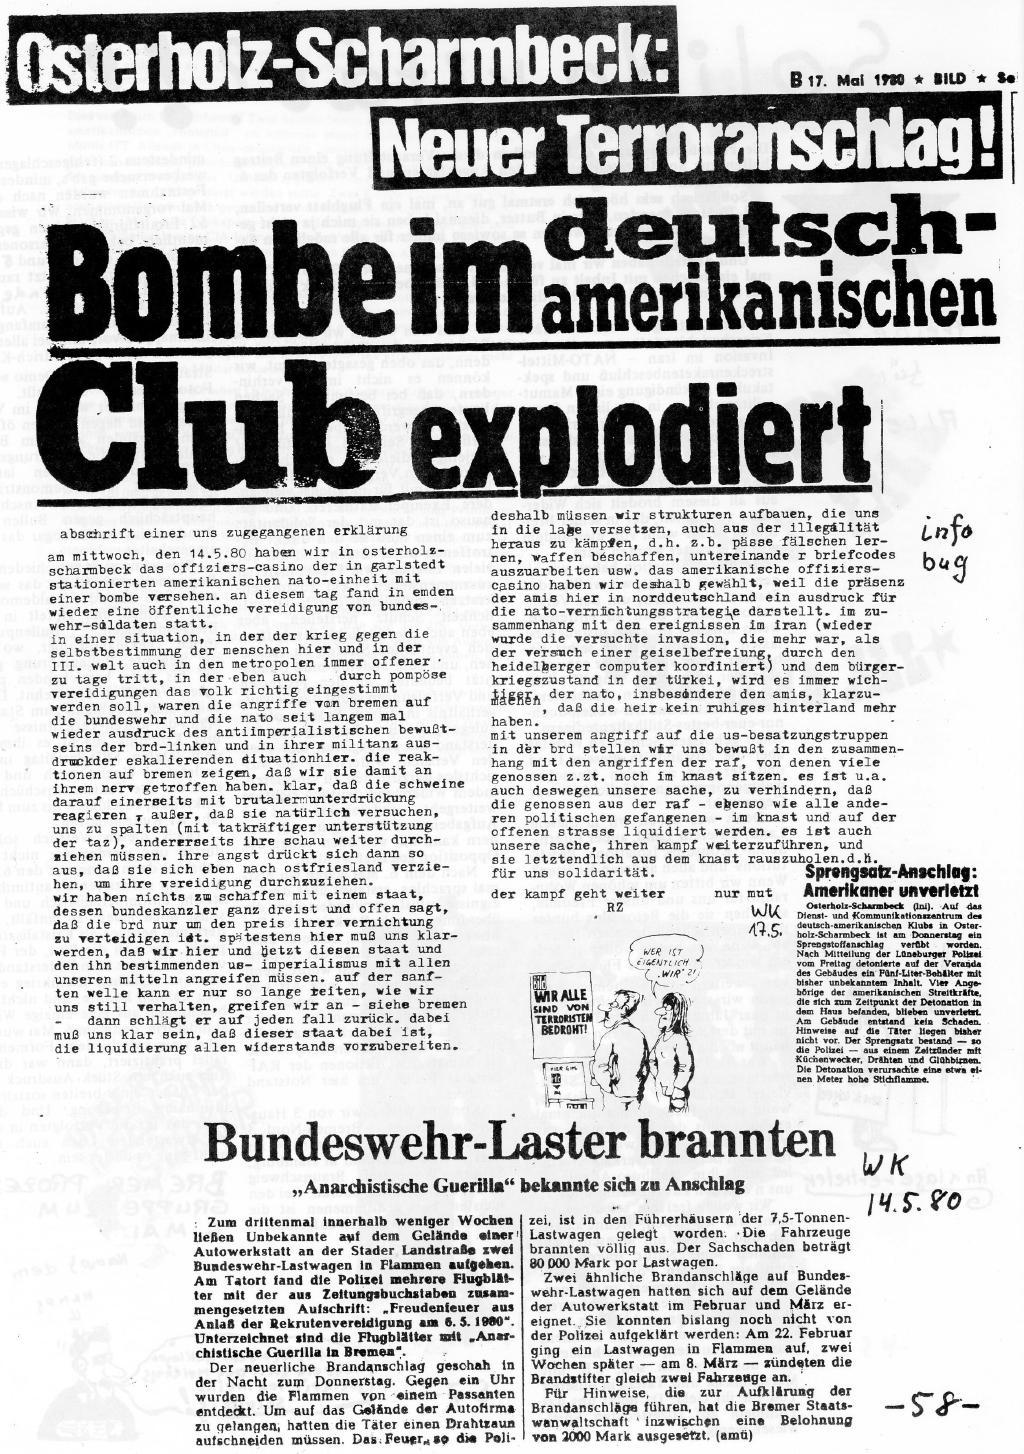 Bremen_1980_NATO_Broschuere_58